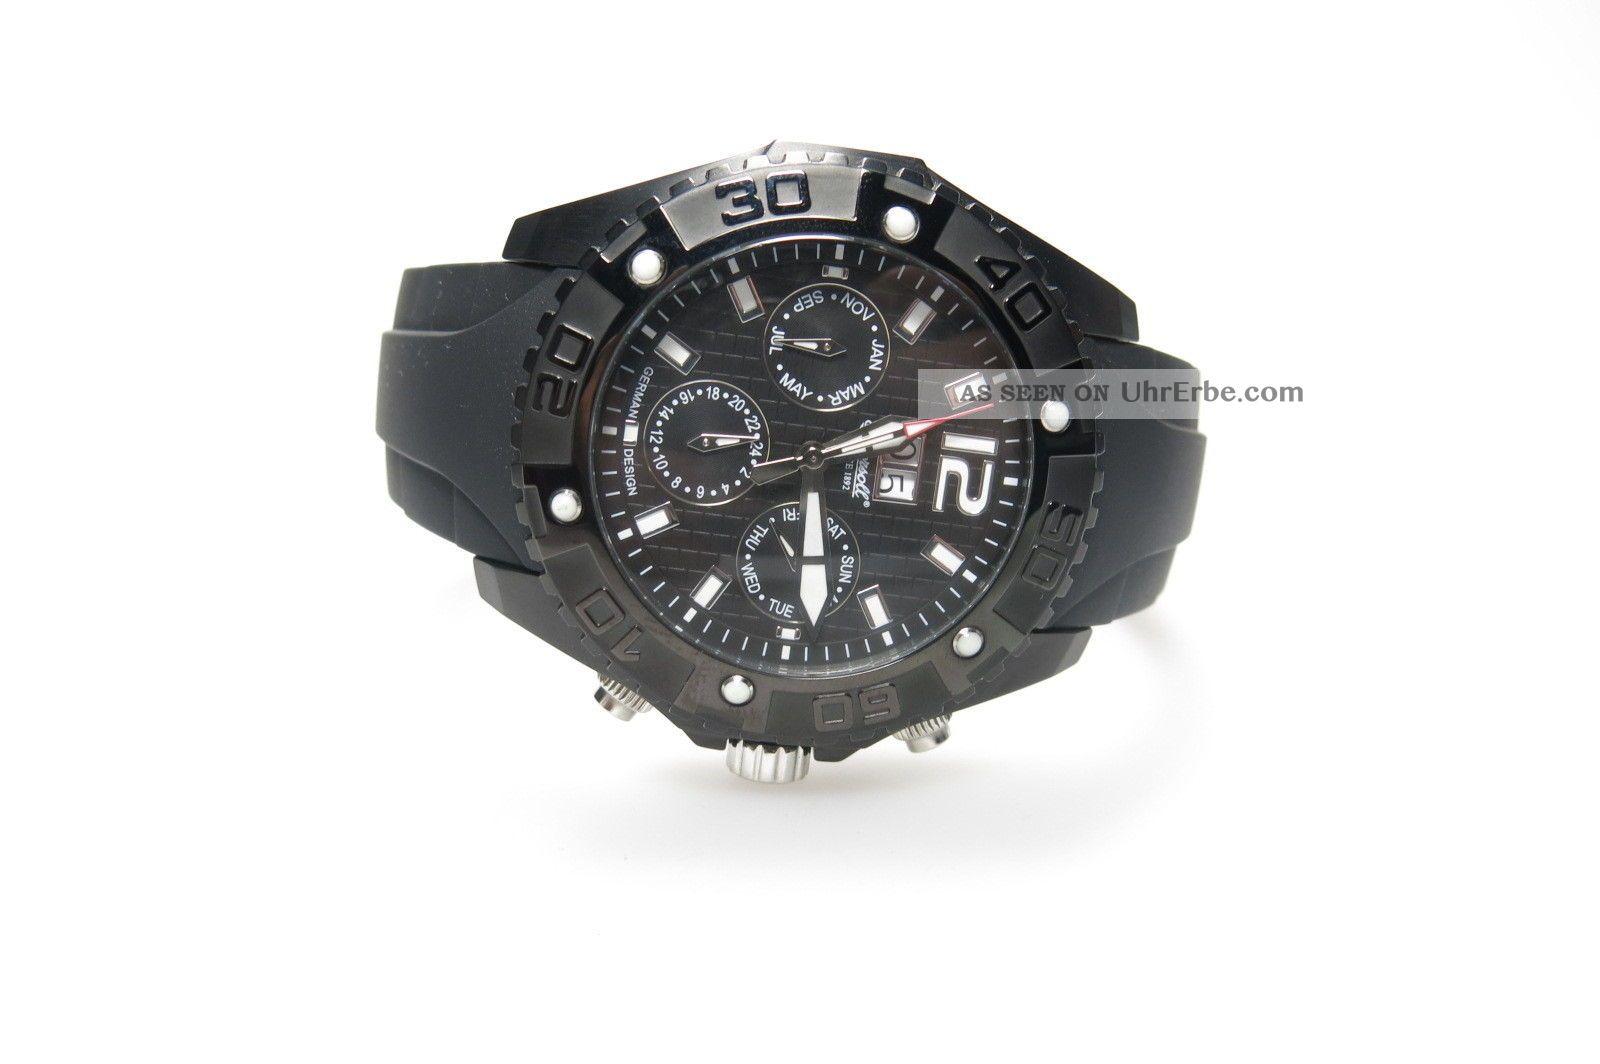 Ingersoll Yuca In 1210 Bbk Herrenuhr Schwarz Kautschuckband Automatik Np:279€ Armbanduhren Bild